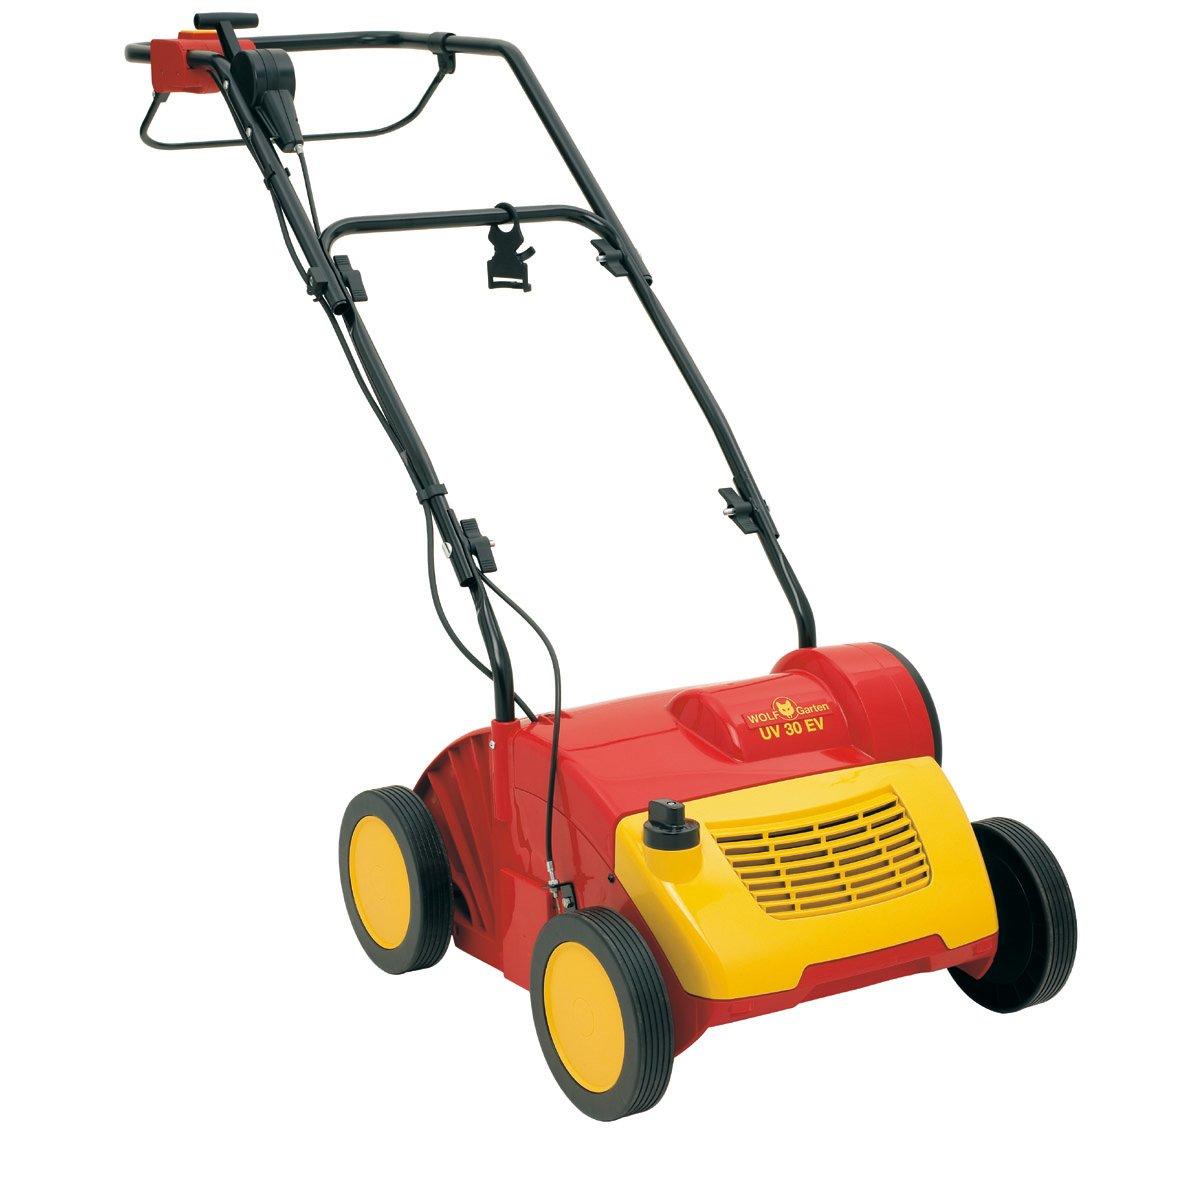 WOLF-Garten 3630680 Elektro-Vertikutierer UV 30 EV, 1100 Watt, Arbeitsbreite 30cm